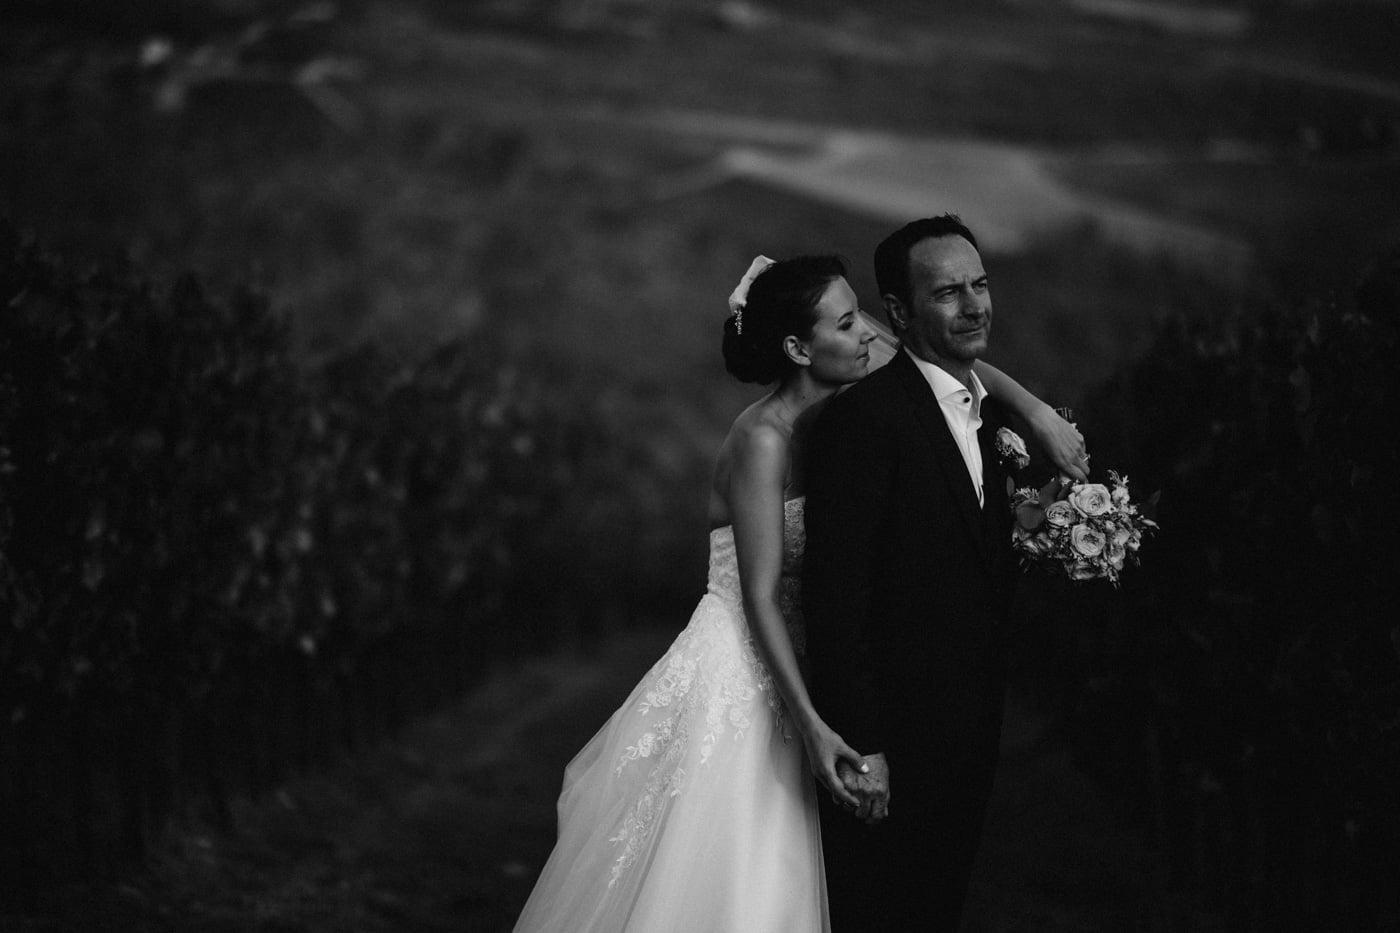 044-wedding-tuscany-rignana